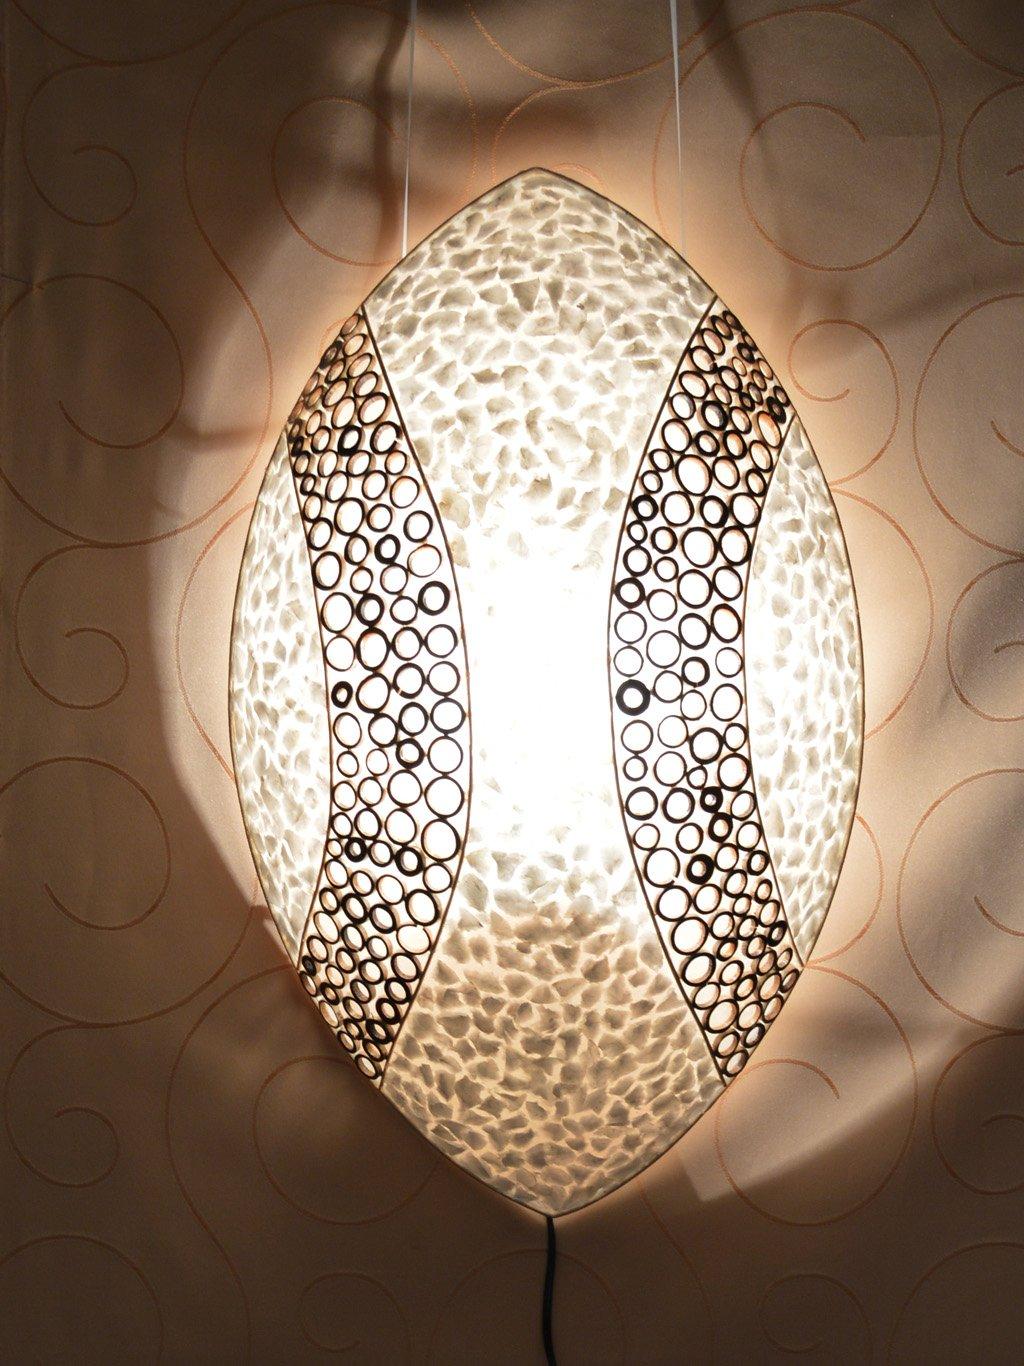 Schön Designer Wandleuchten Galerie Von Asiatische Bung (la12-117), Wandlampen, Stimmungsleuchten, Bali: Concept.de: